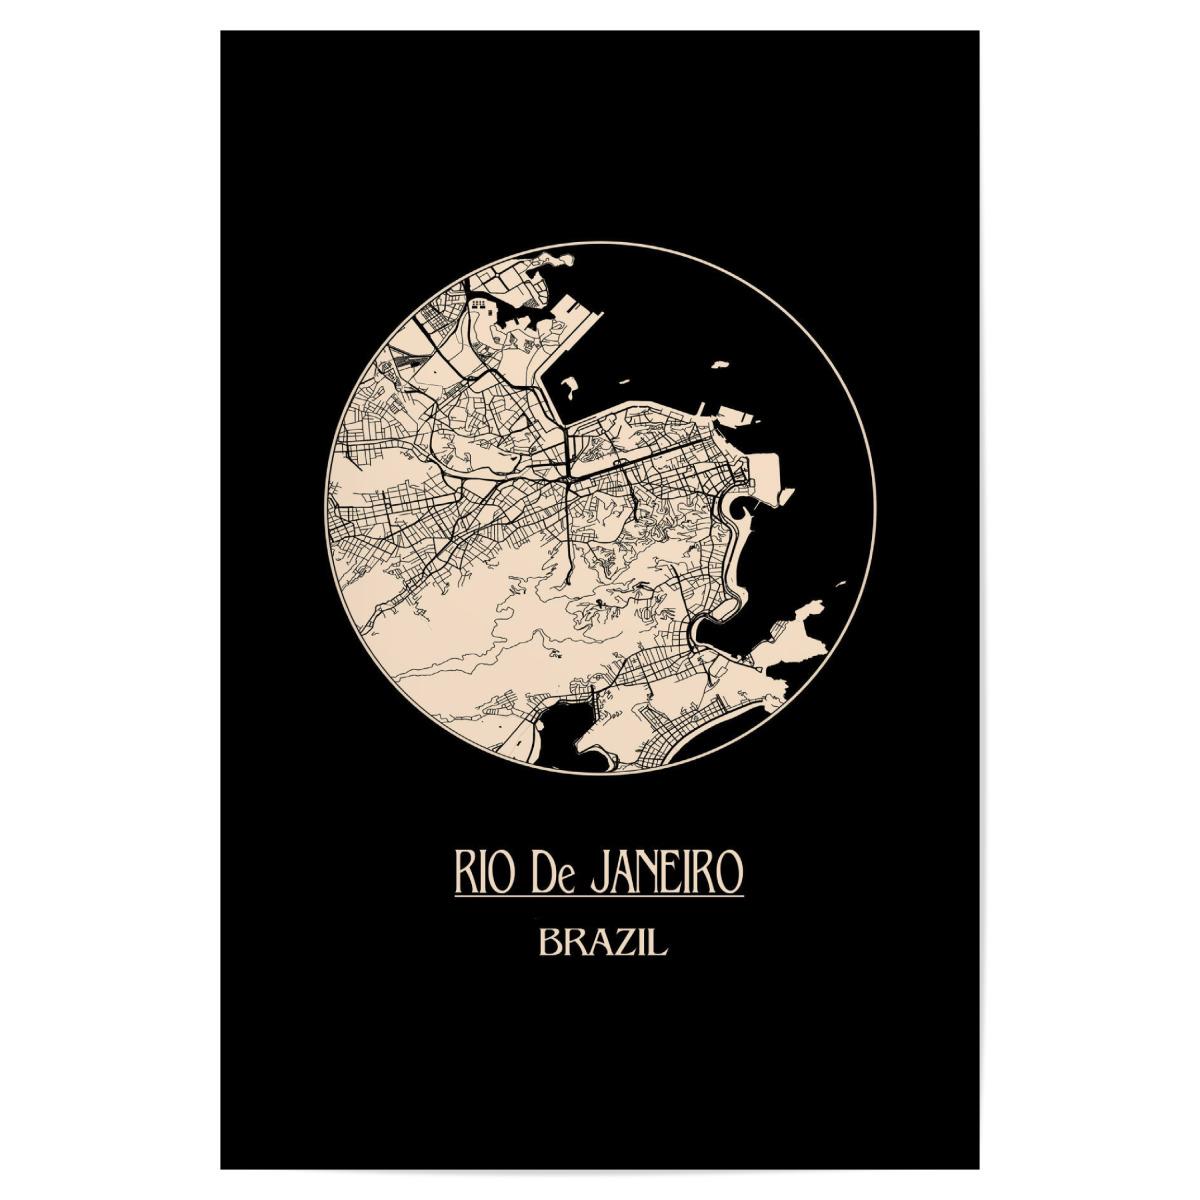 Retro Map of Rio de Janeiro Brazil als Poster bei artboxONE ...